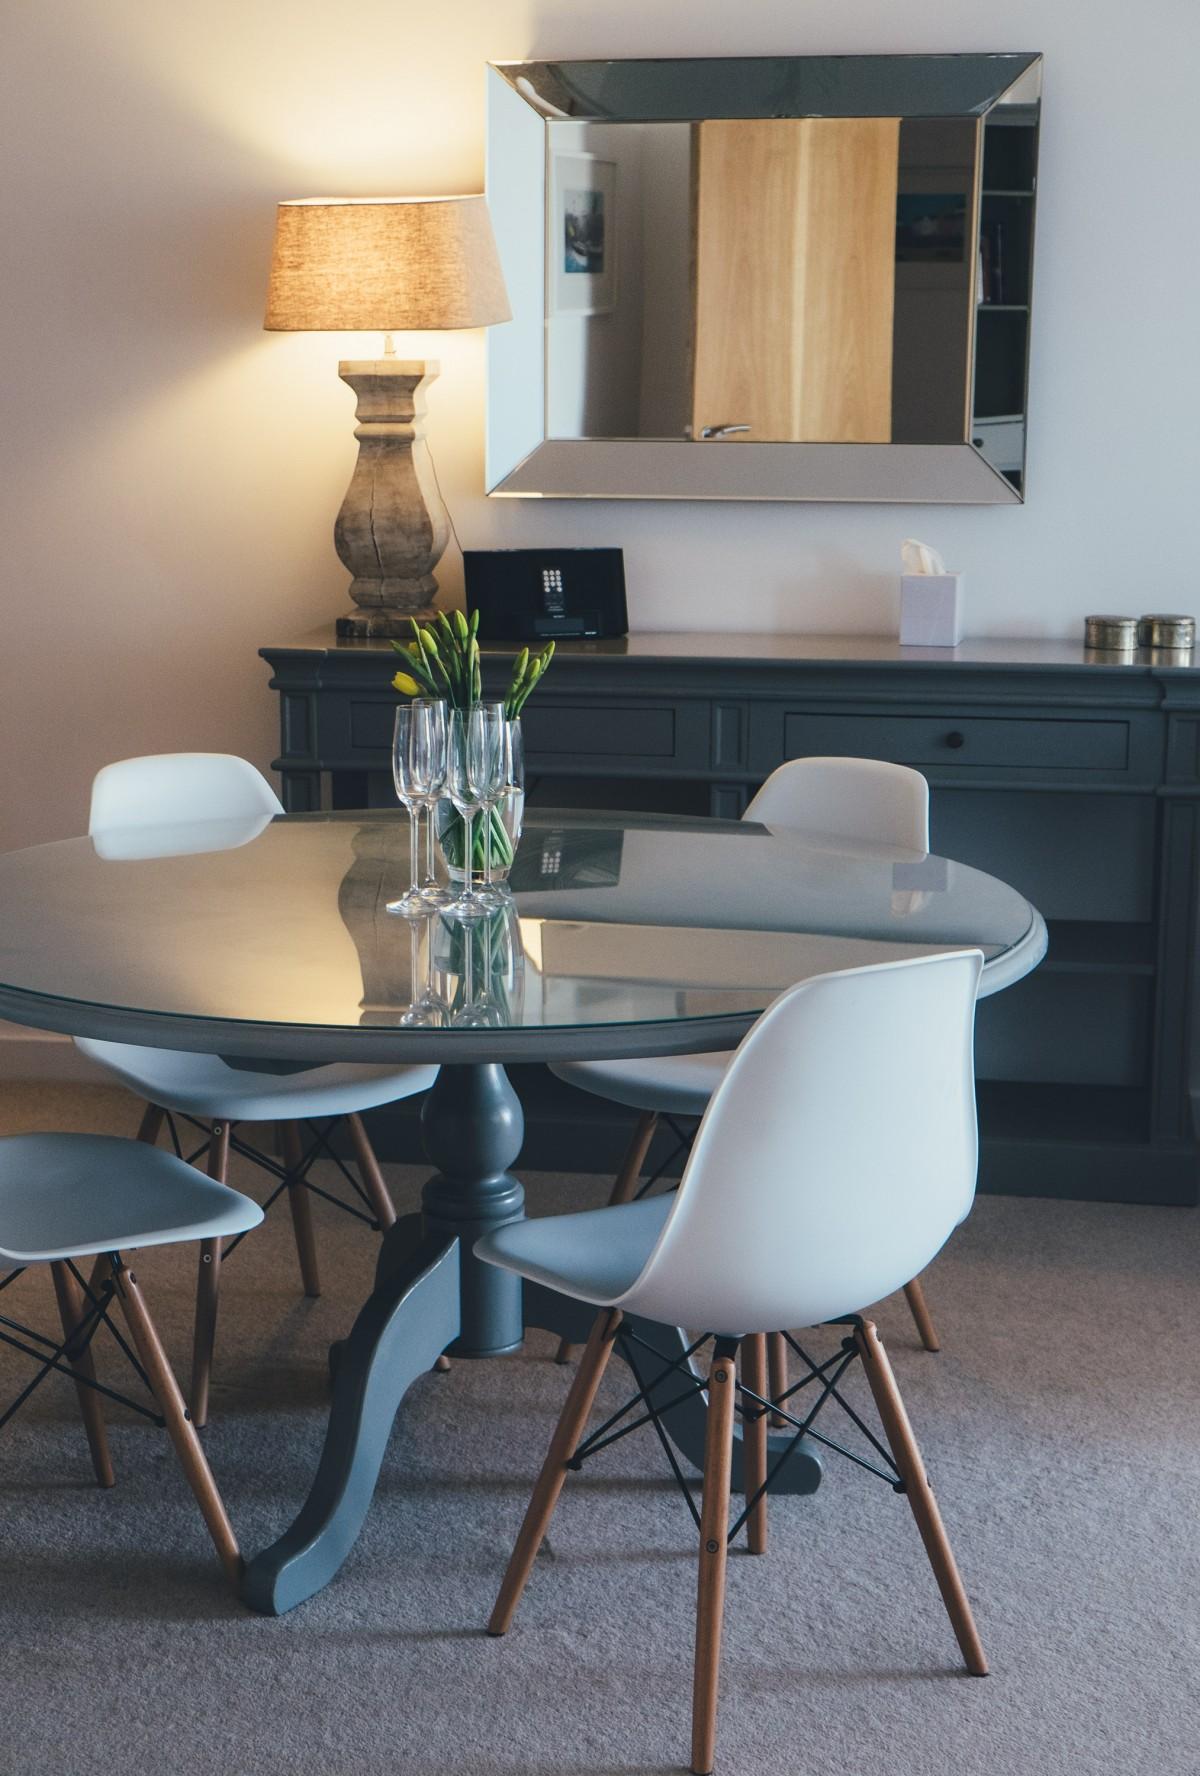 Gratis Afbeeldingen : bureau, tafel, hout, stoel, verdieping, huis ...